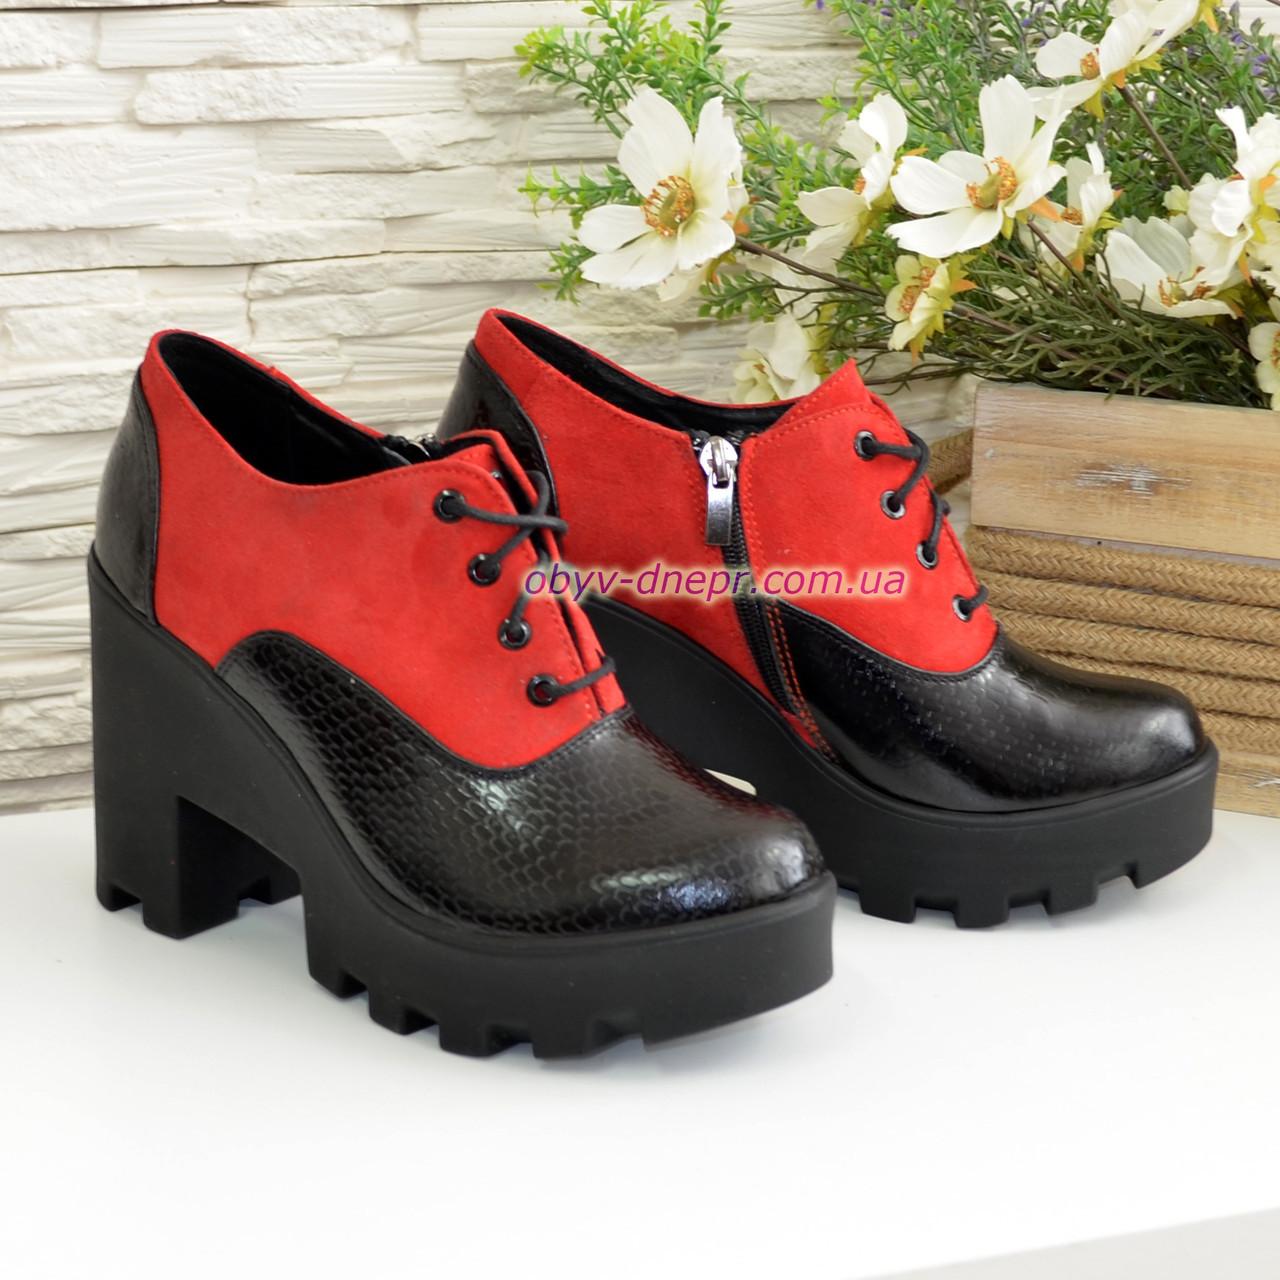 Туфли женские комбинированные на высоком каблуке